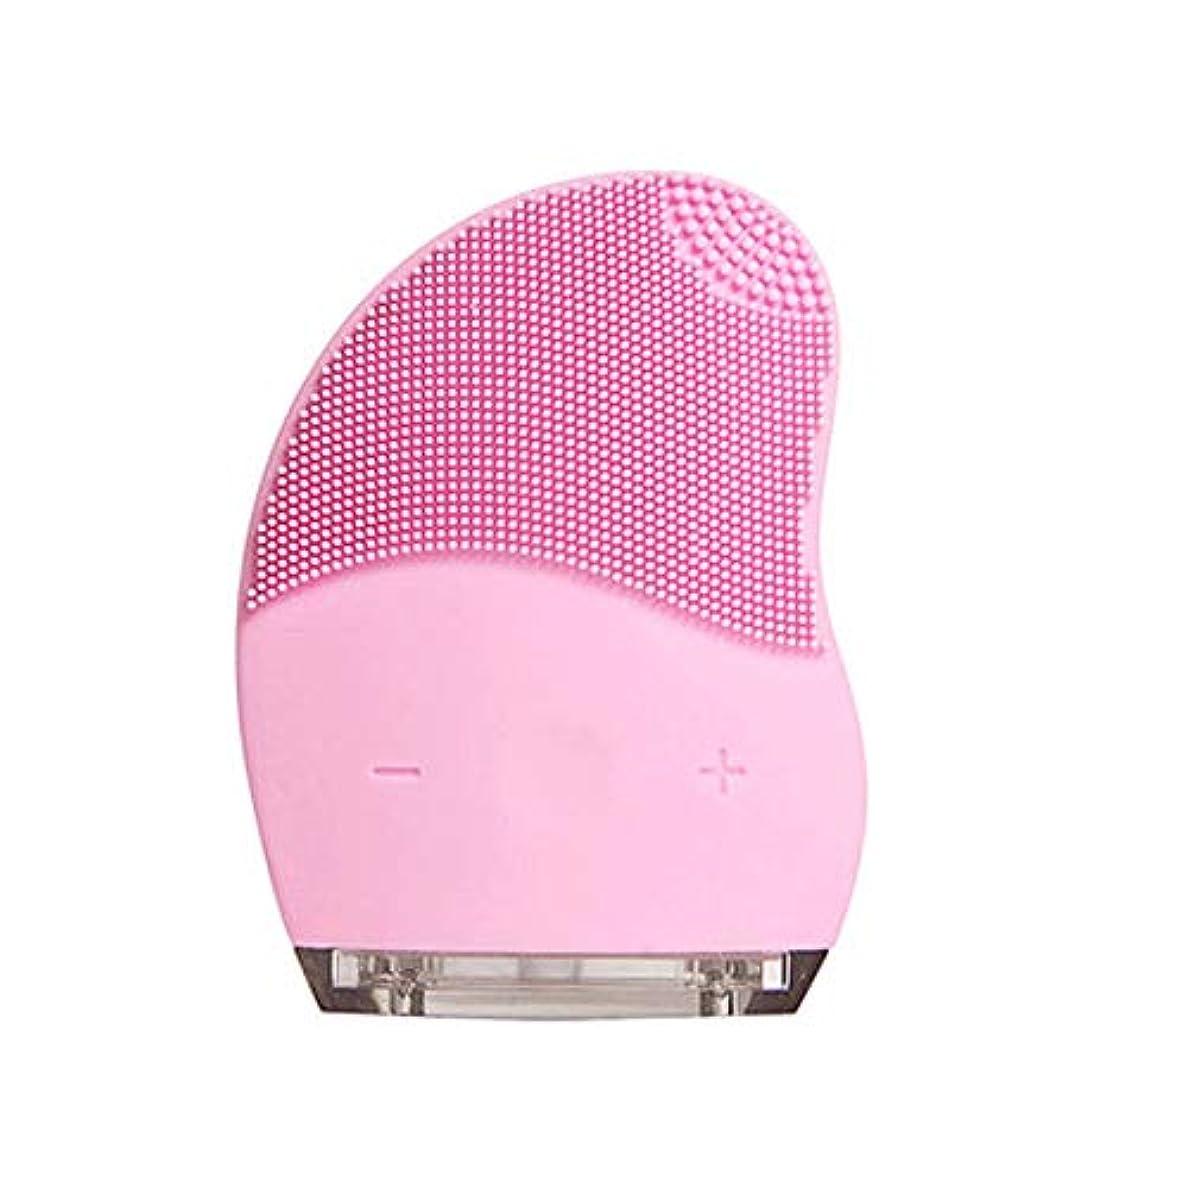 伝統空カウントアップHEHUIHUI- クレンジングブラシ、ディープクレンジングフェイシャル、防水性と振動性のクレンジングブラシ、アンチエイジング、優しい角質除去とマッサージ(ピンク) (Style : A)